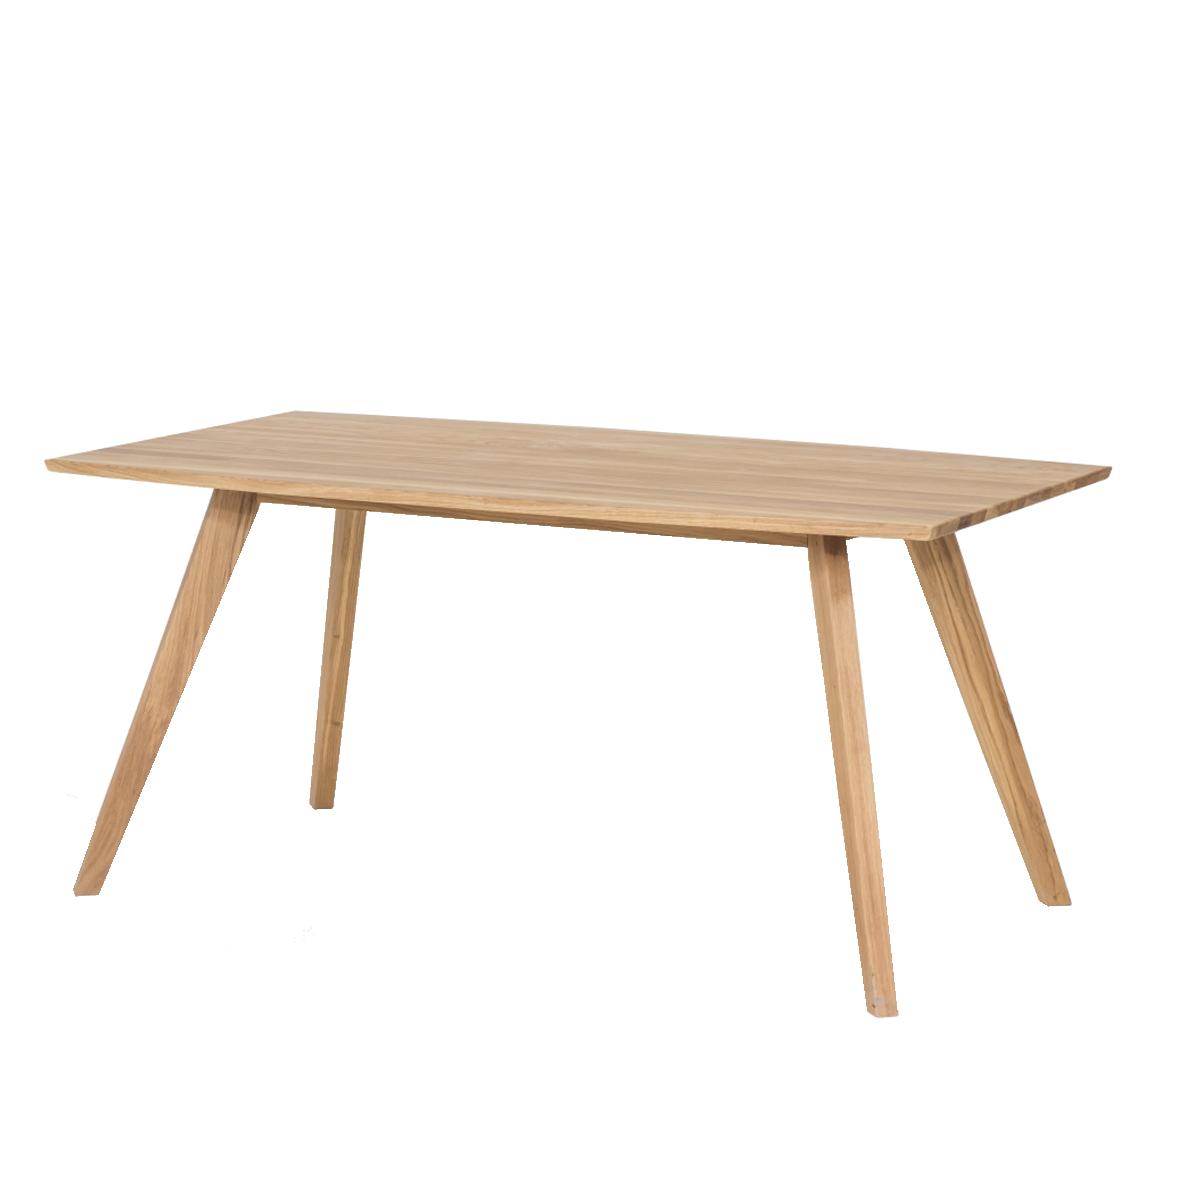 Standard Furniture Factory Holztisch Trondheim ca. 30x 30 cm in Eiche  geölt Massivholz rechteckig für Esszimmer und Küche